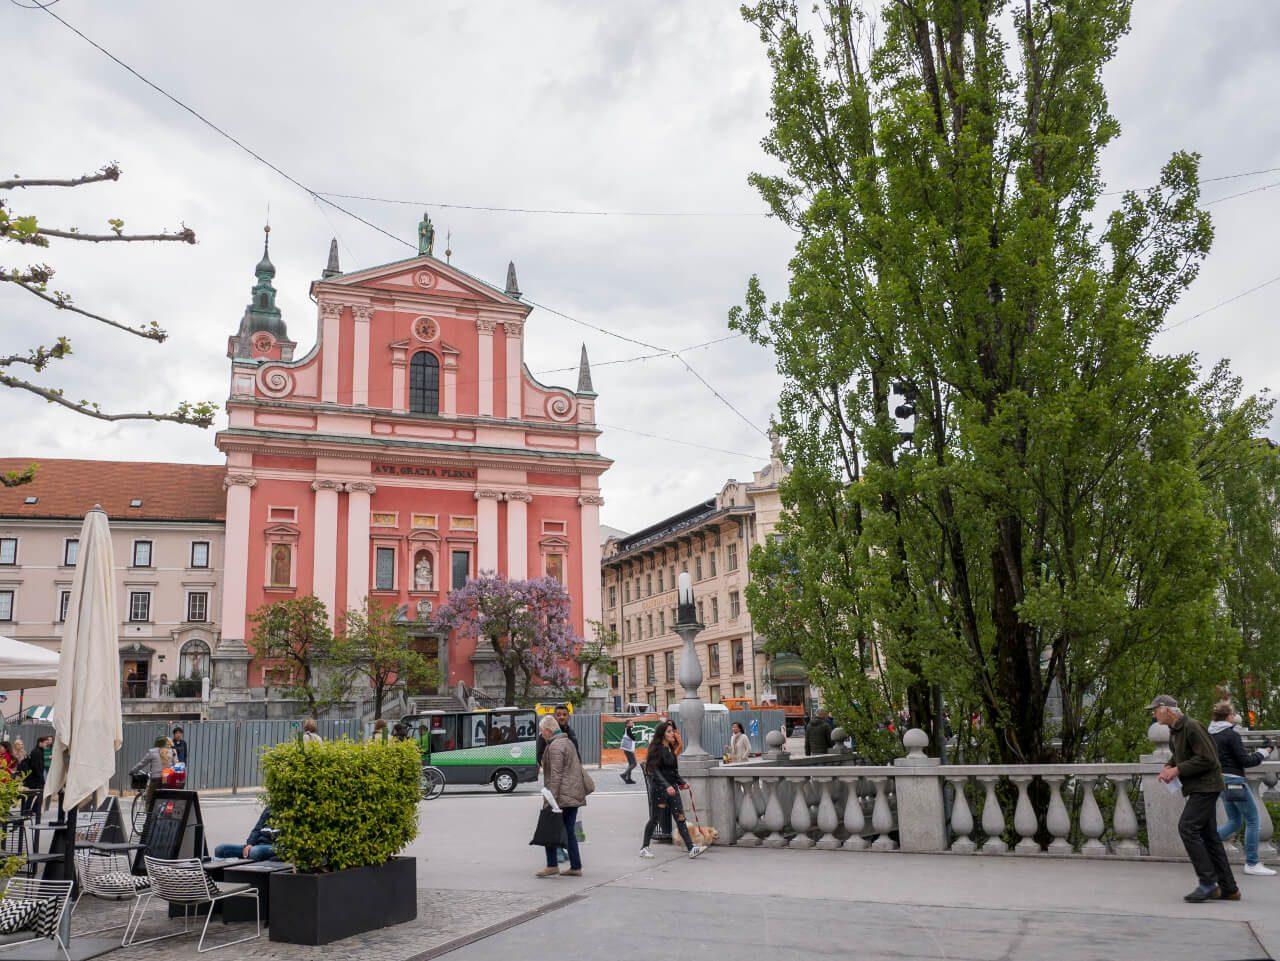 Potrójny Most w Lublanie (Słowenia)